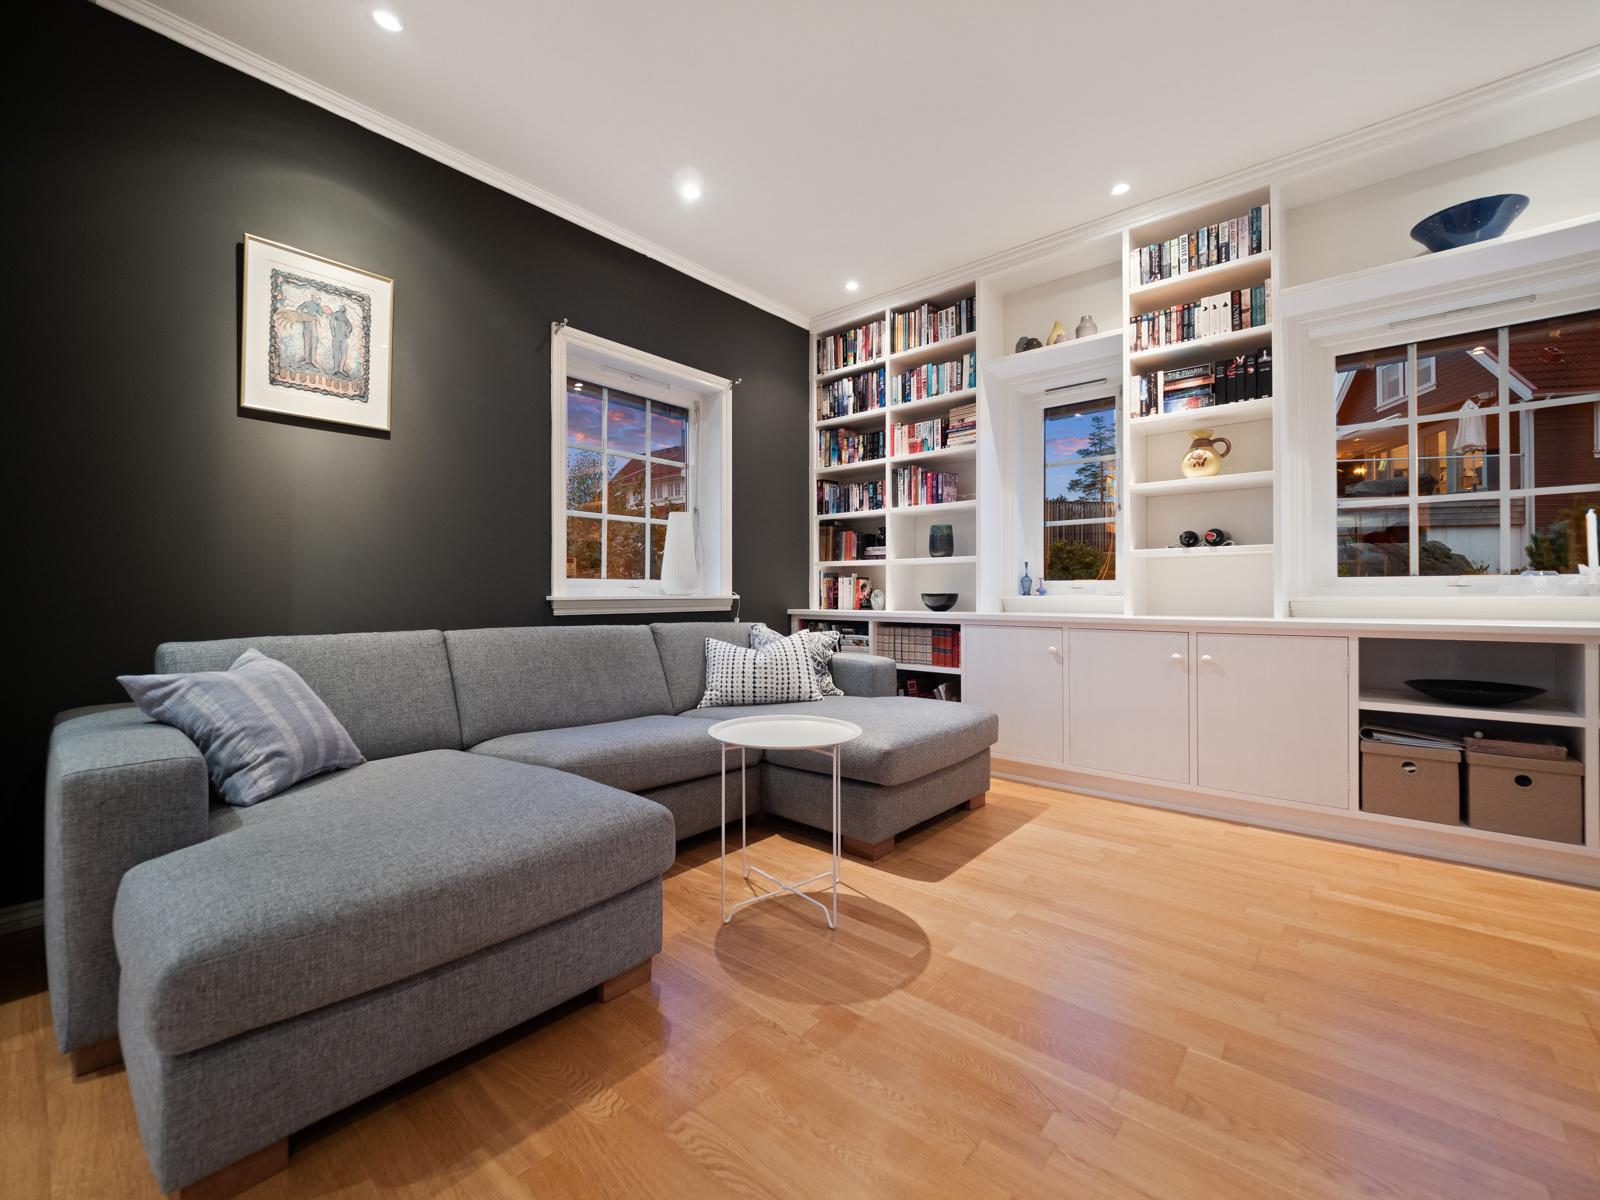 Salongdel i stuen med tv.